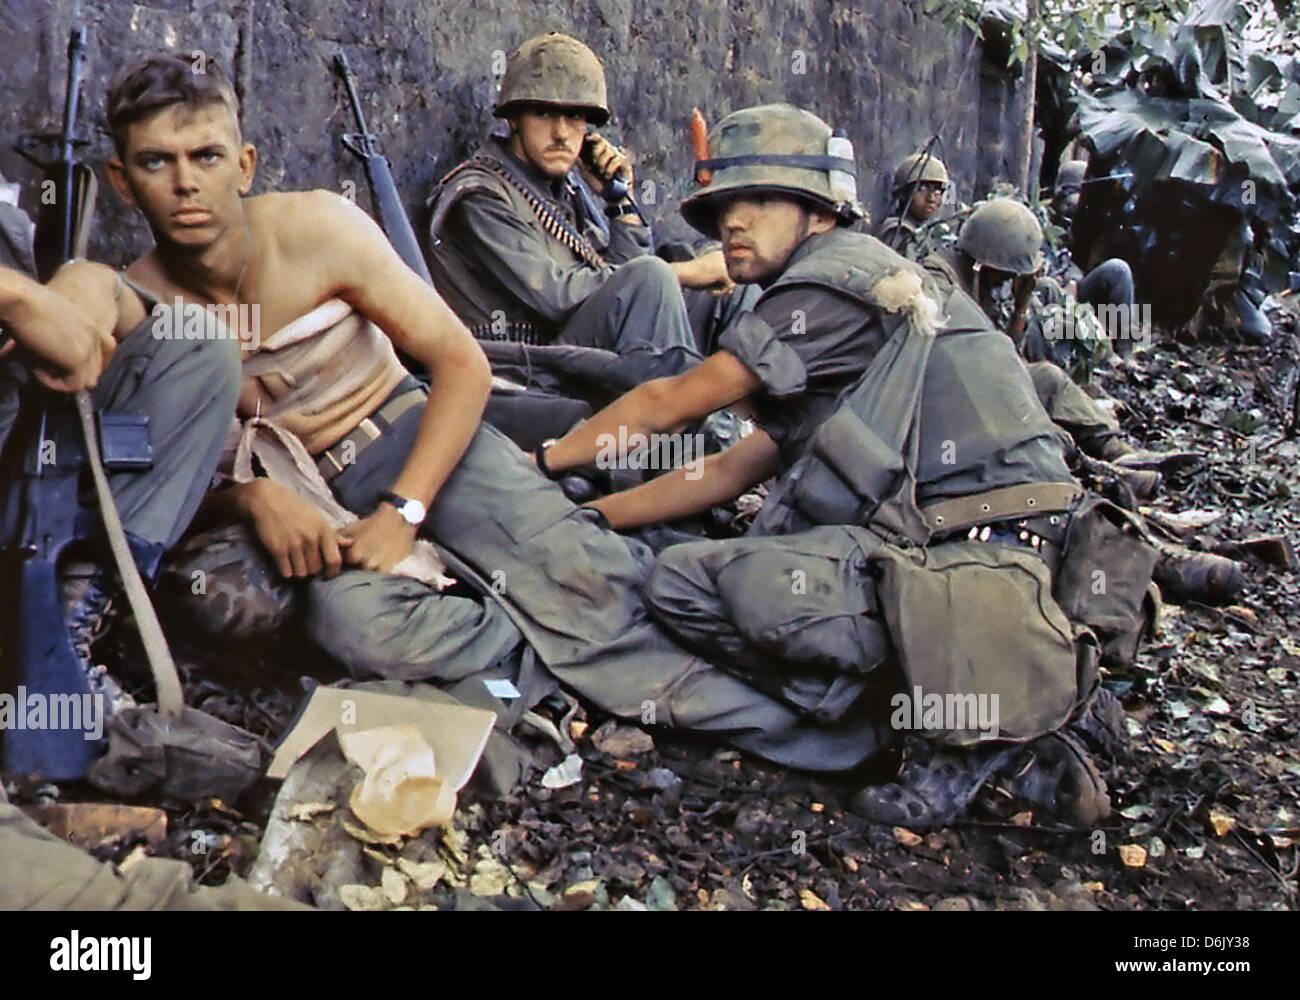 Marina de los EE.UU. R. D. Howe trata las heridas del soldado de primera clase D. A. Crum durante la ofensiva del Imagen De Stock